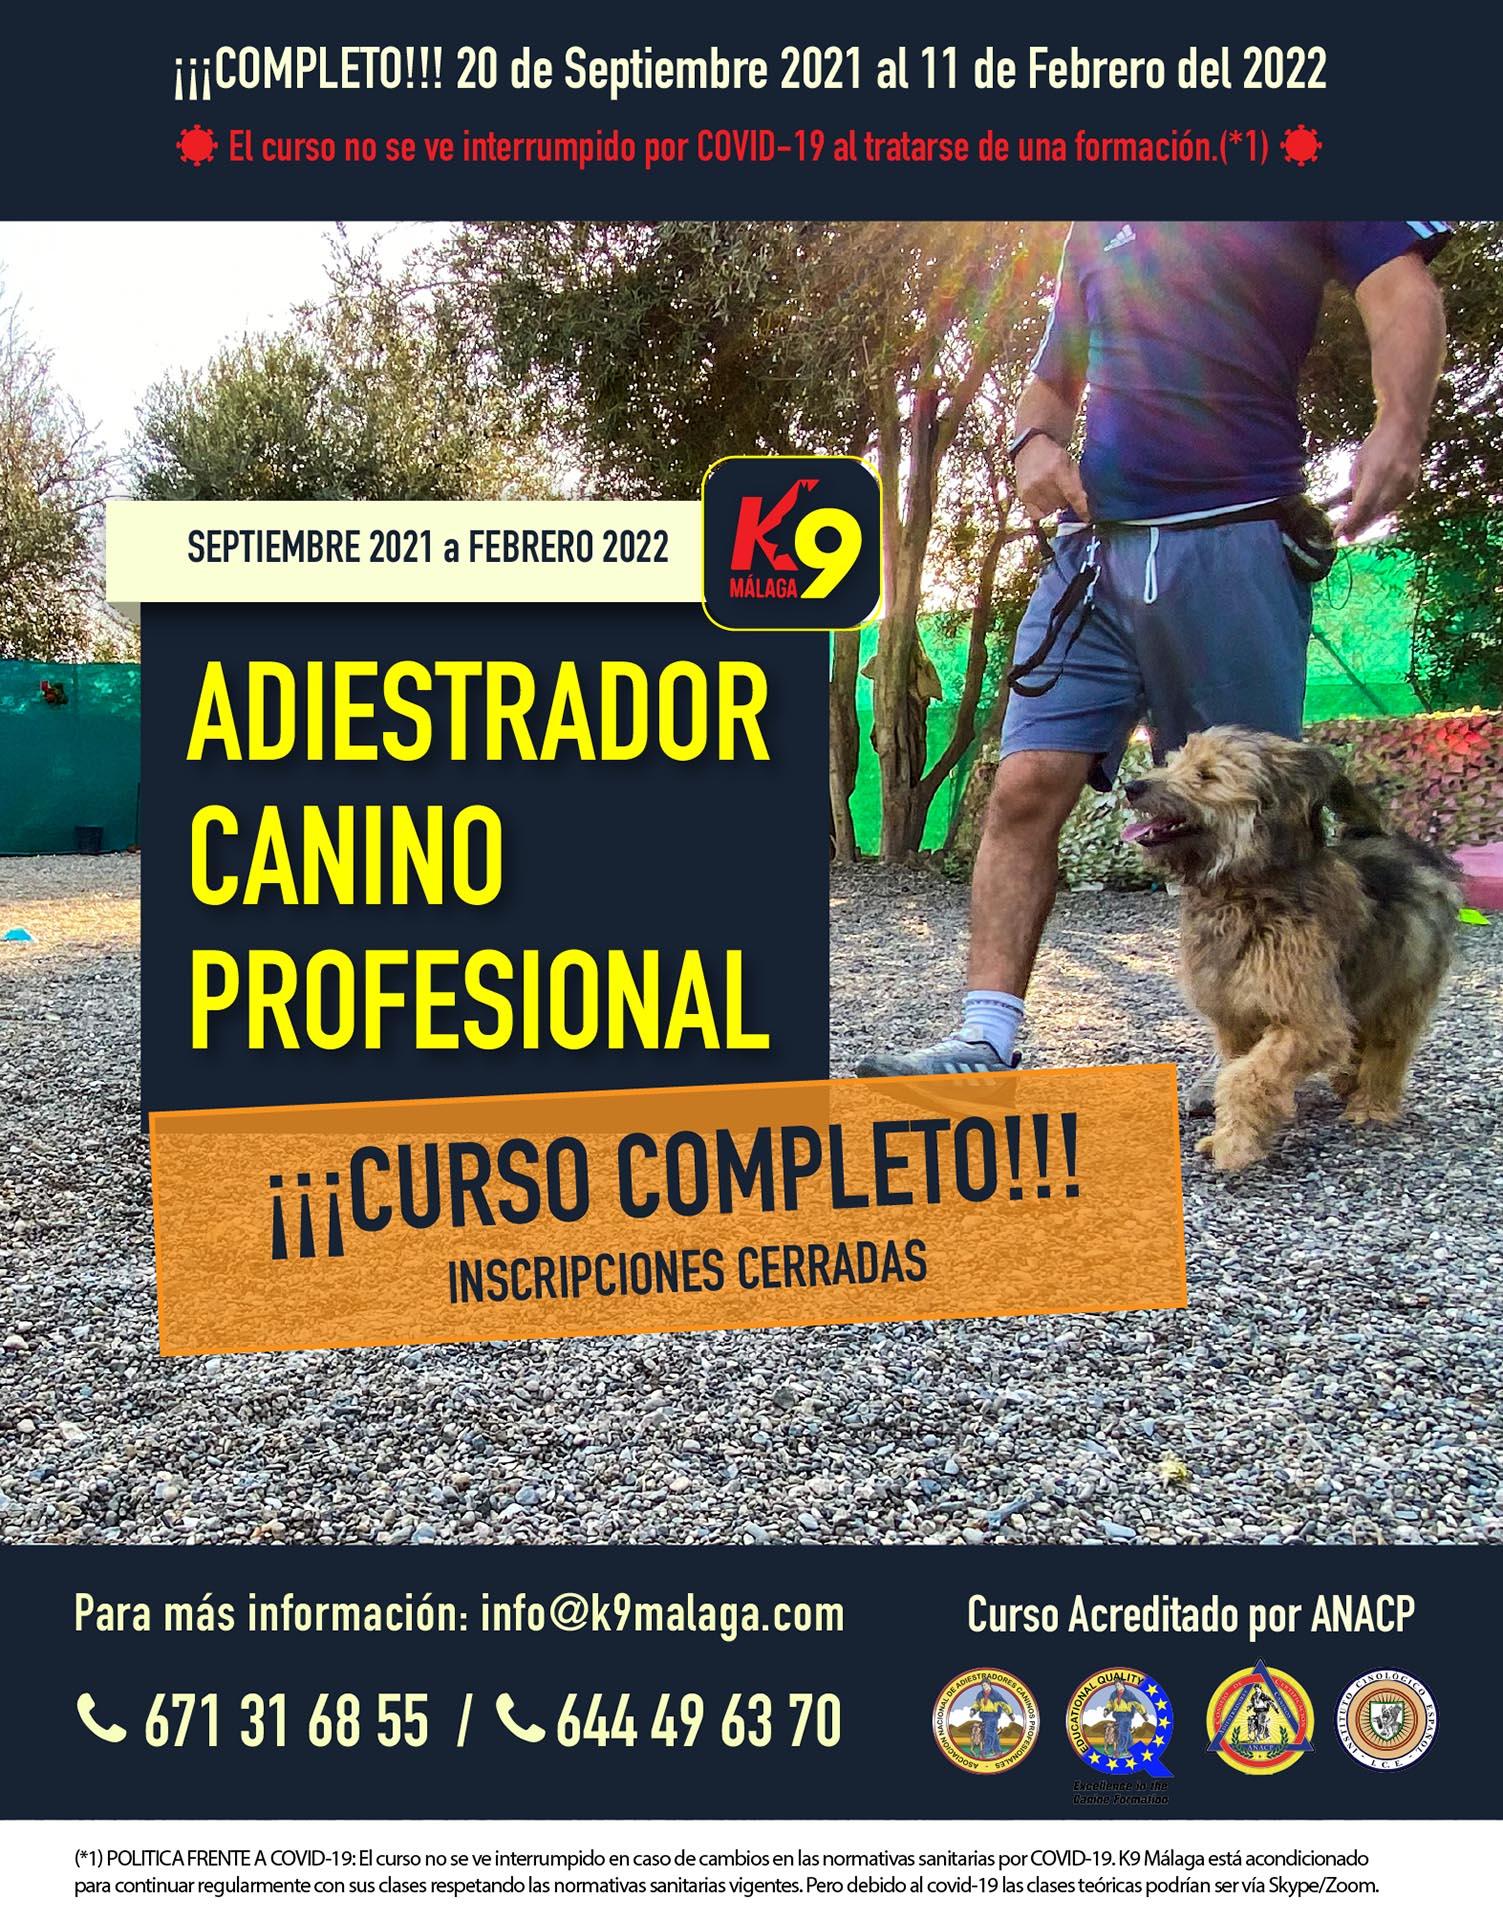 COMPLETO - Formación Adiestrador Canino Profesional y Técnico en Modificación de Conductas Septeimbre 2021